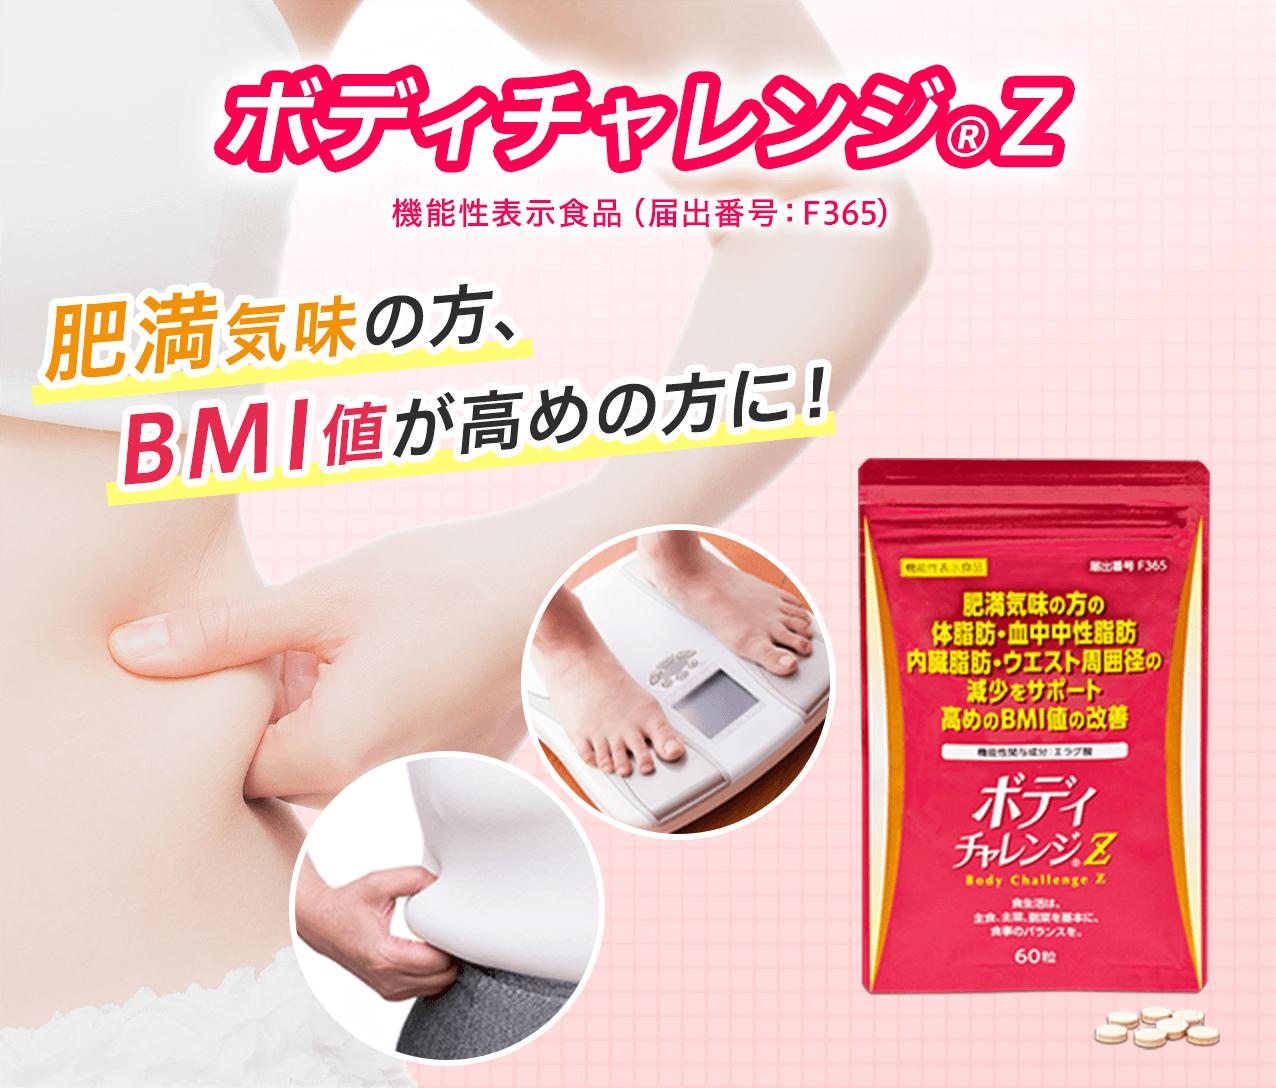 ボディチャレンジ®️Z 機能性表示食品(届出番号:F365)肥満気味の方、BMI値が高めの方に!